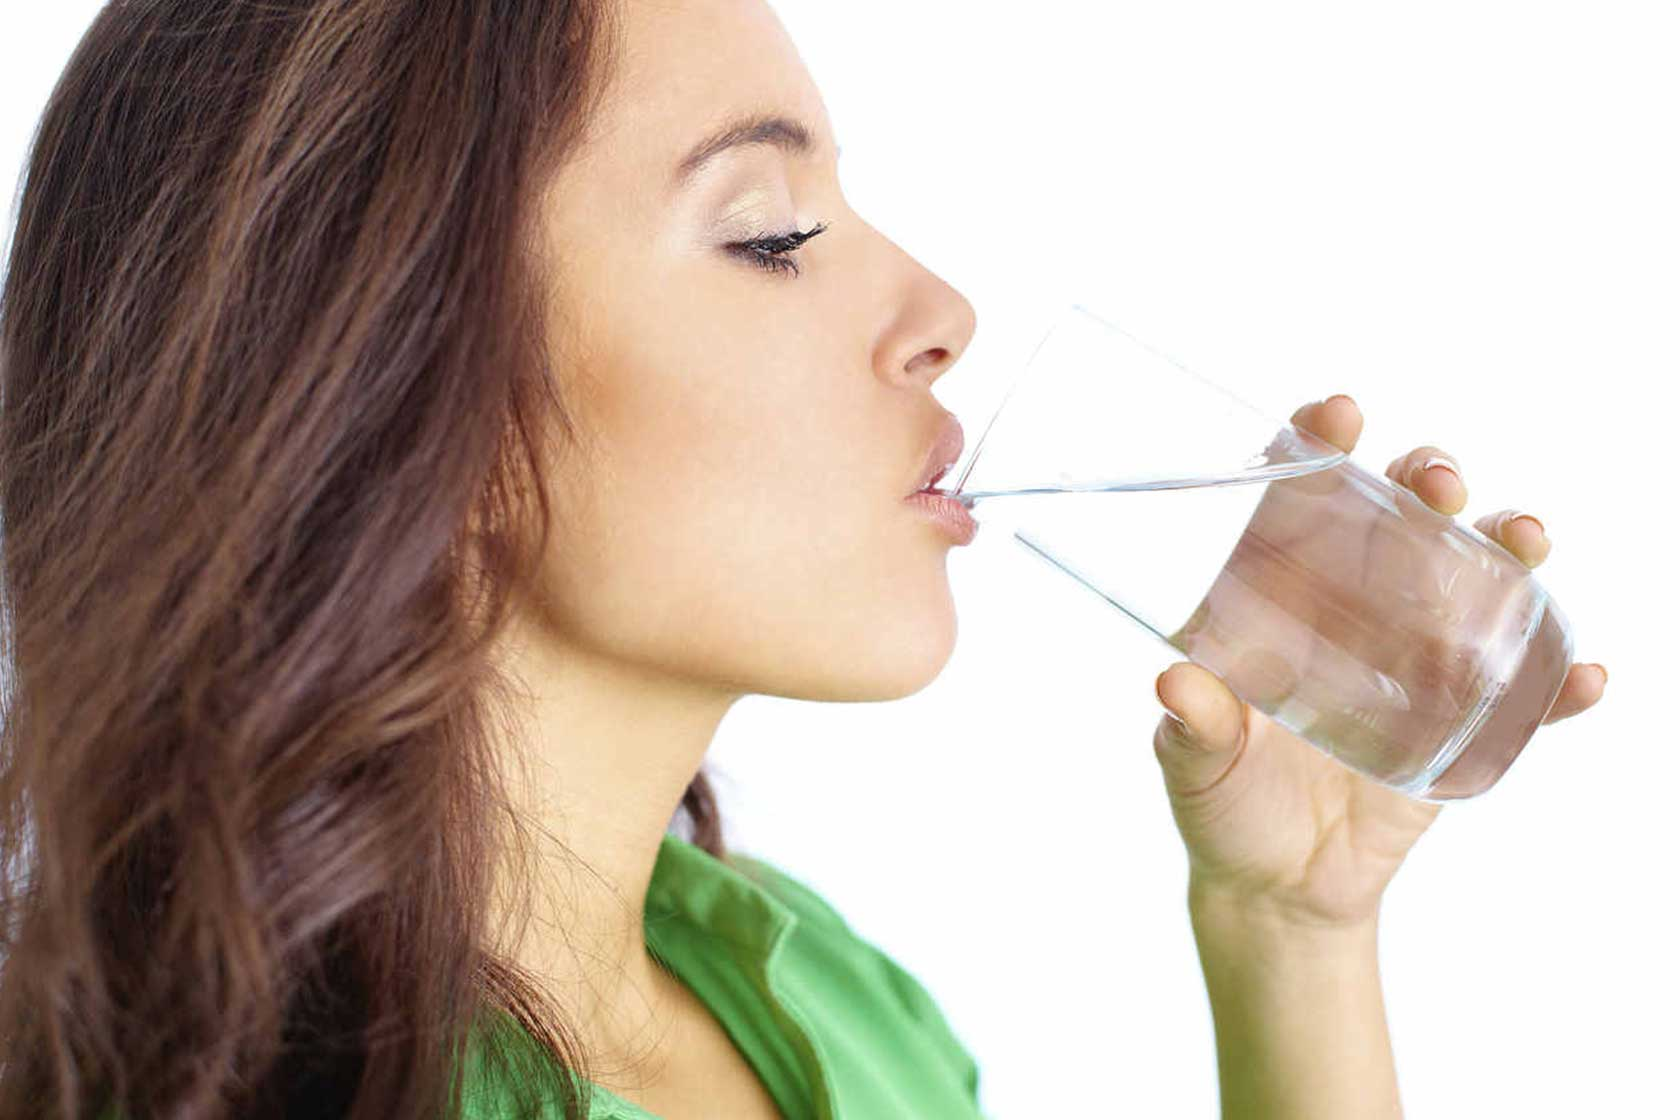 вода, щоб зміцнити імунну систему